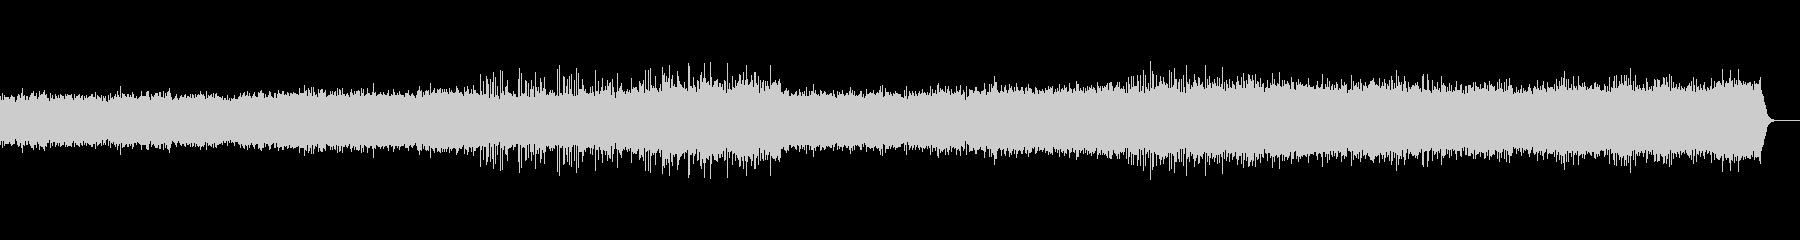 『カレリア』組曲op.11 シベリス作曲の未再生の波形